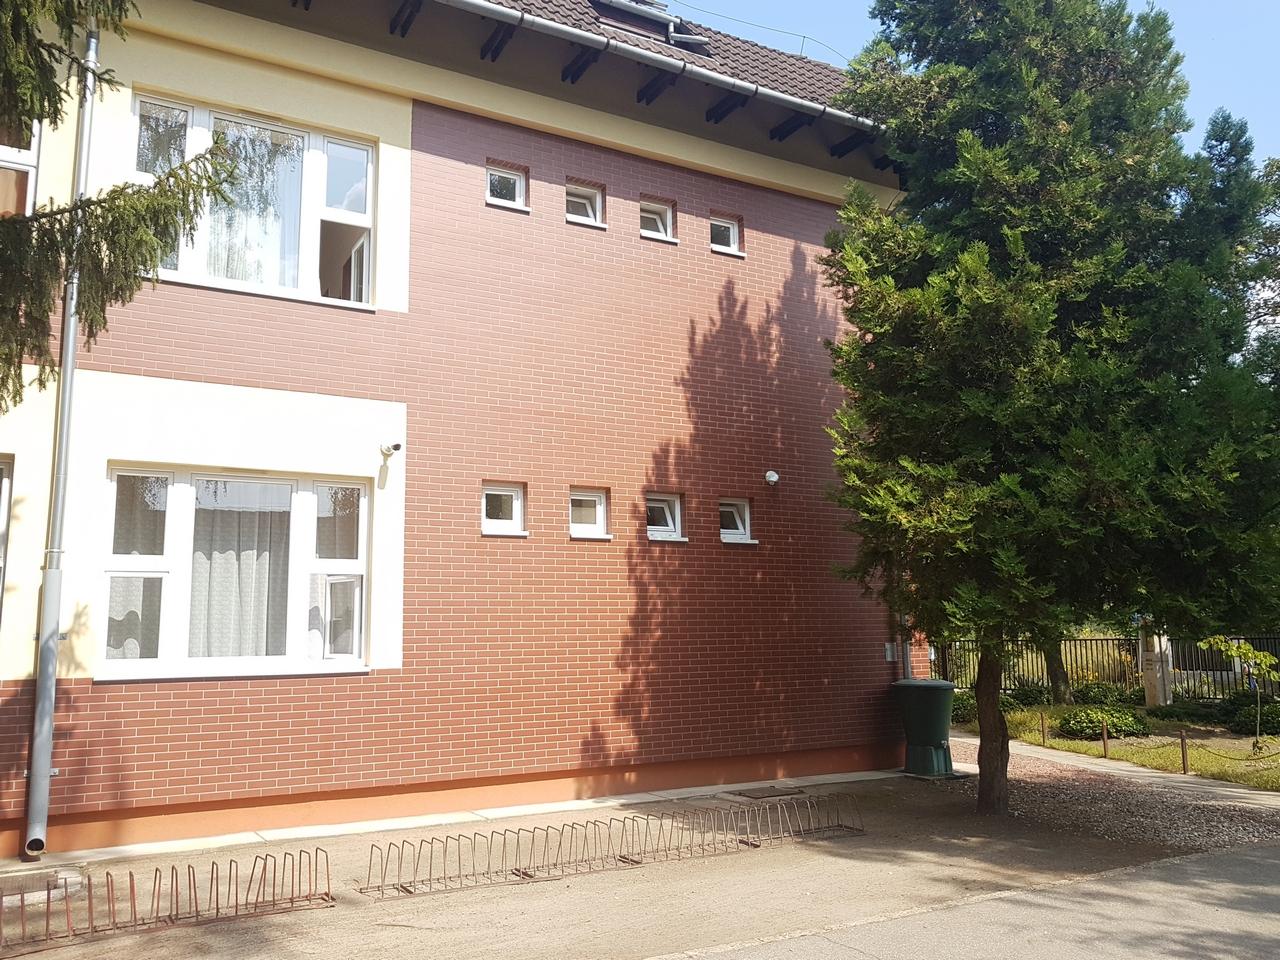 Belső-külső kamerarendszer telepítése a Hevesy György Általános Iskolában, Turán